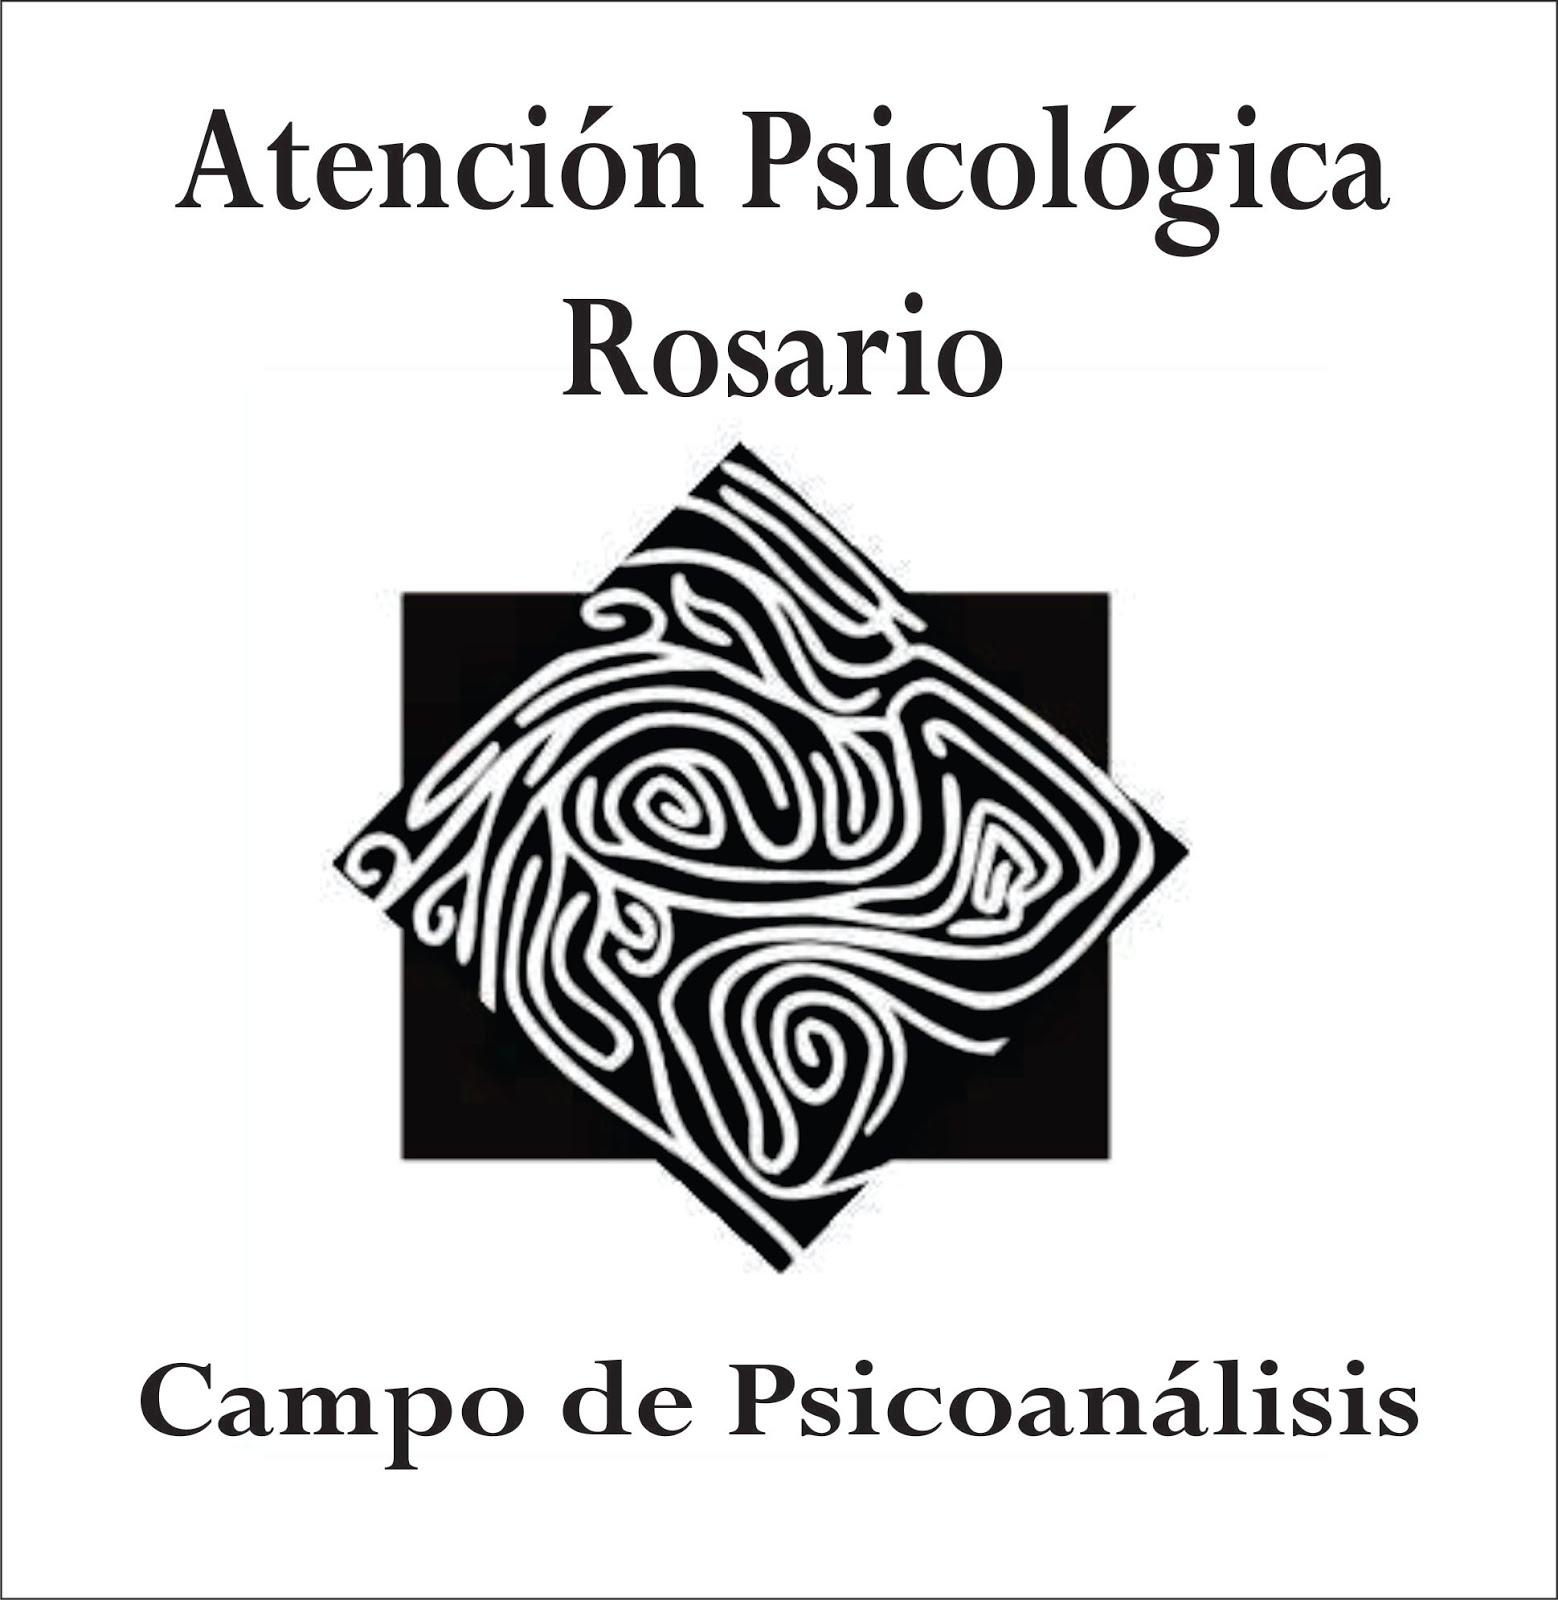 Campo de Psicoanálisis Rosario